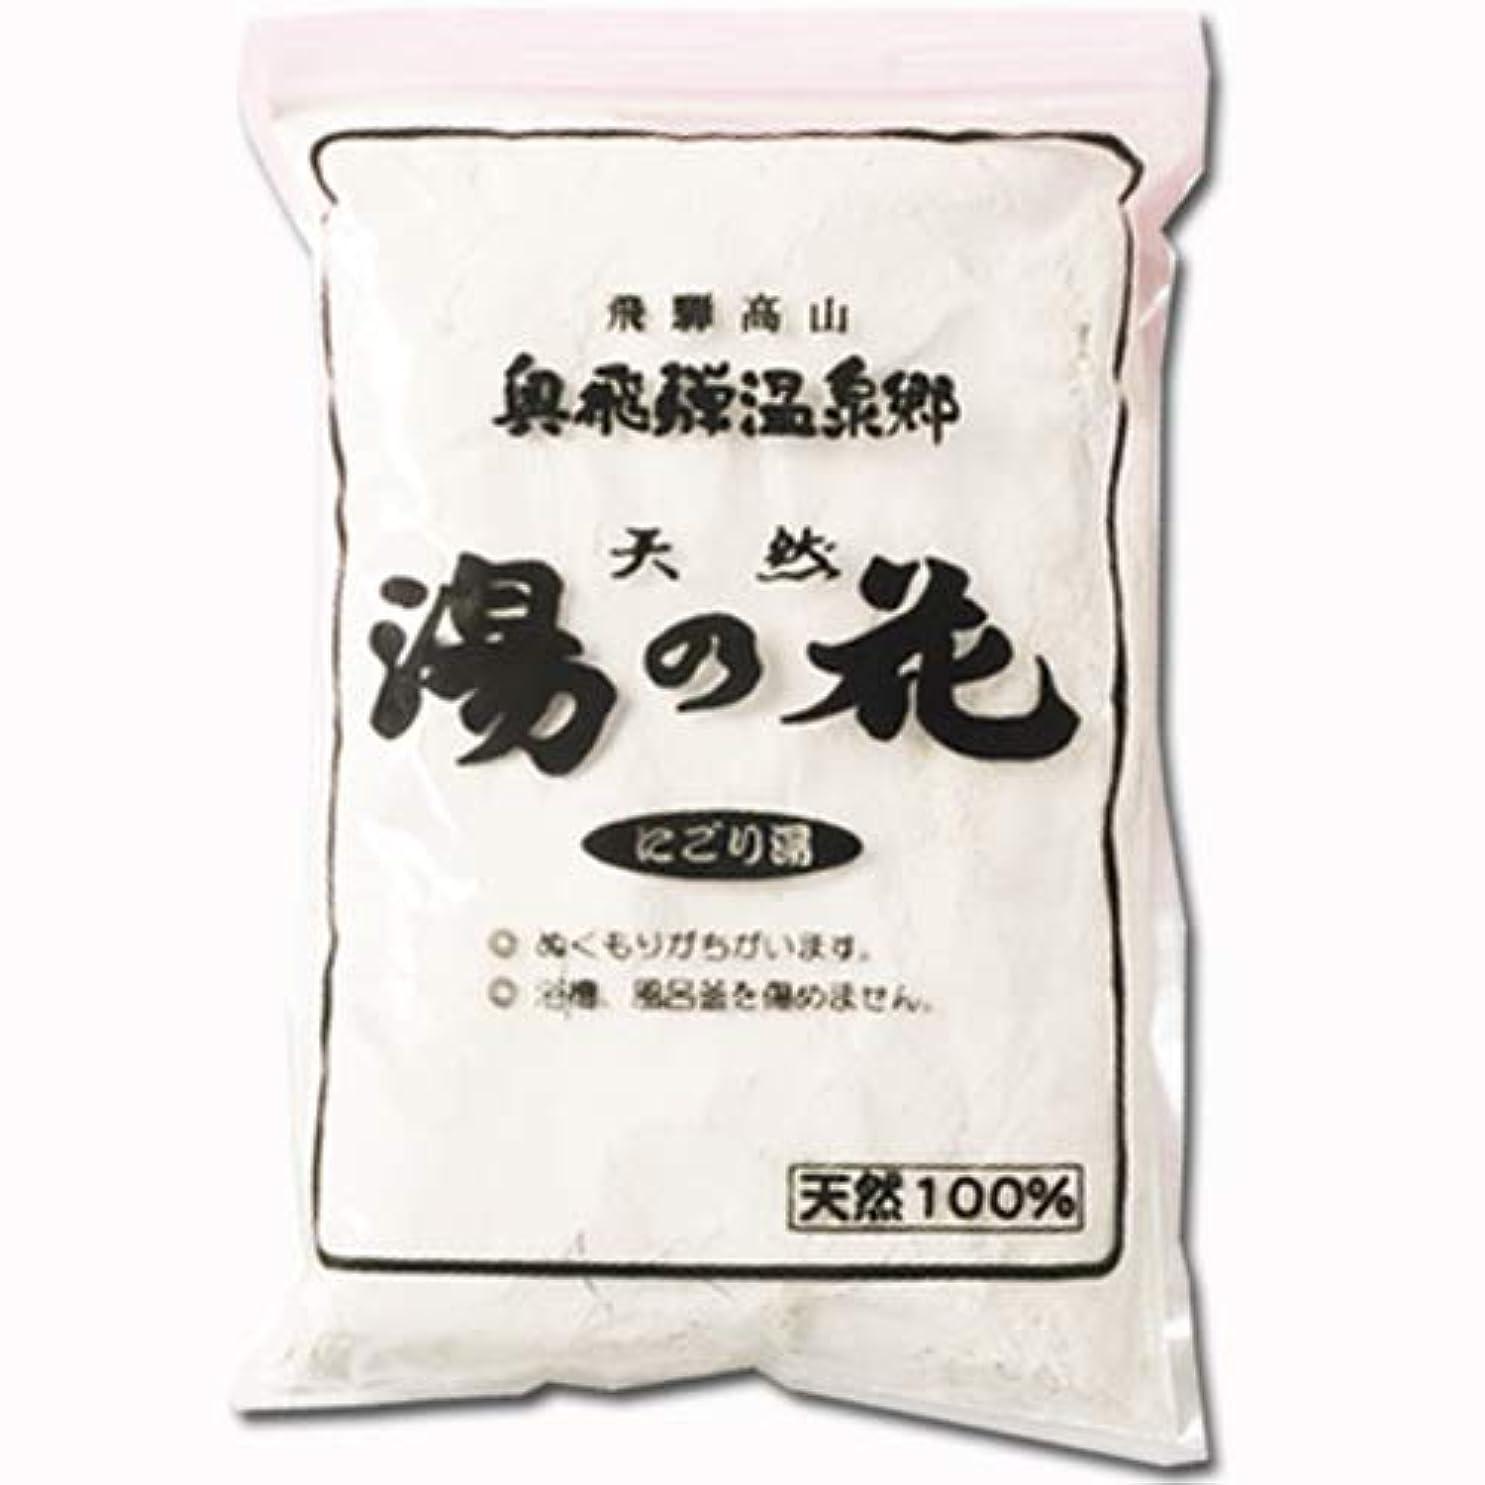 管理する過剰起訴する天然湯の花 (業務用) 1kg (飛騨高山温泉郷 にごり湯)